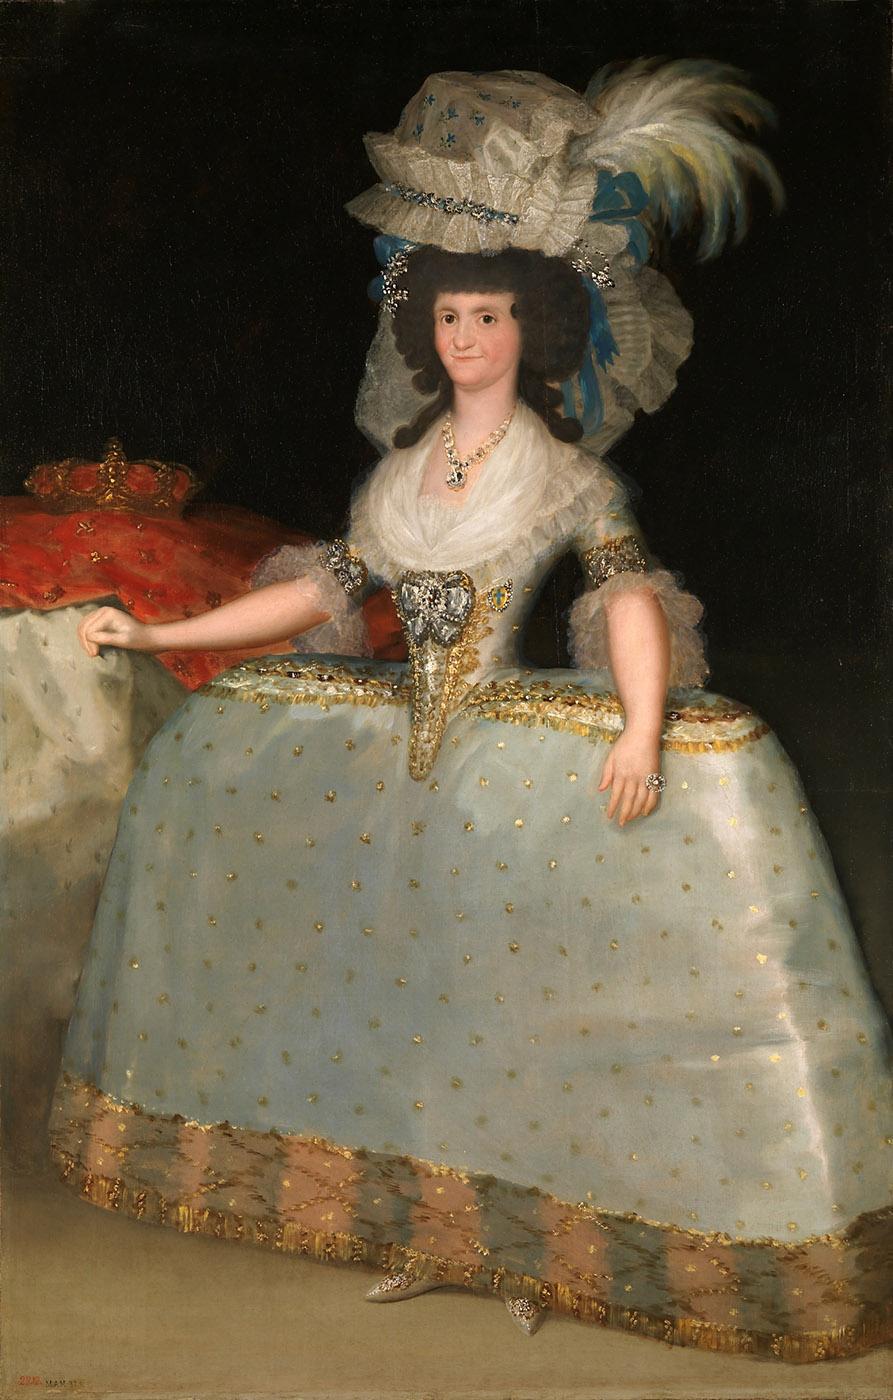 Francisco de Goya. La reina María Luisa con tontillo. 1789. Museo Nacional del Prado. Madrid.